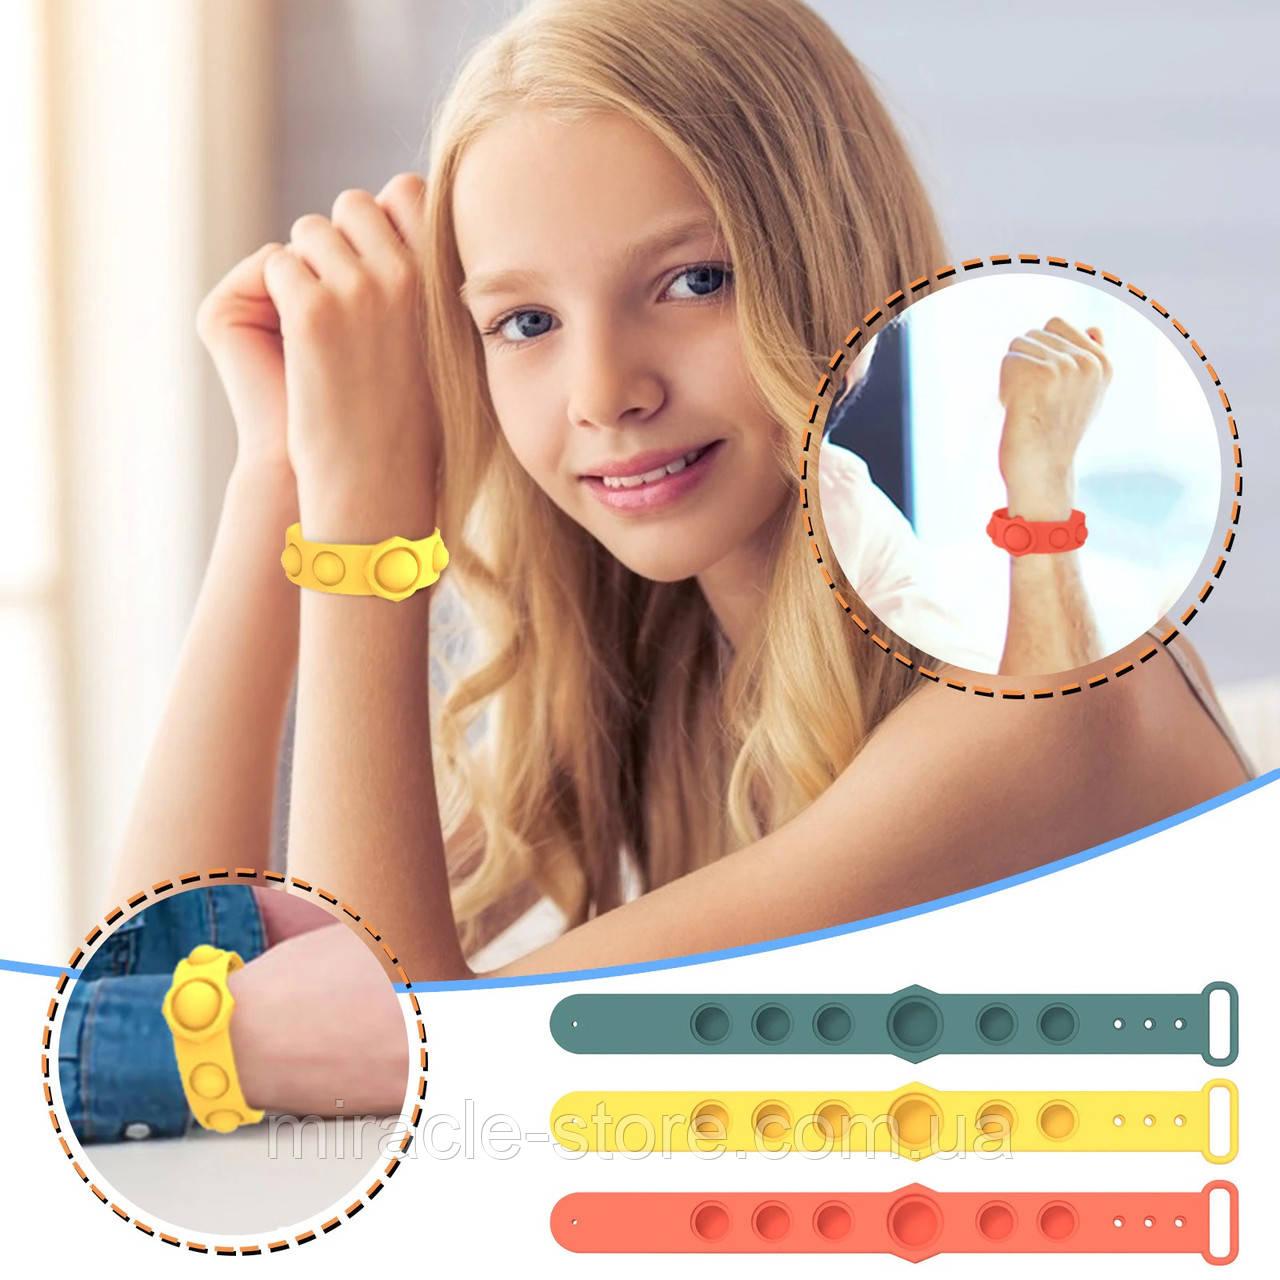 Іграшка Pop it ПопИт антистрес 3*17см браслет одноколірний сенсорна іграшка Simple Dimple сімпл дімпл